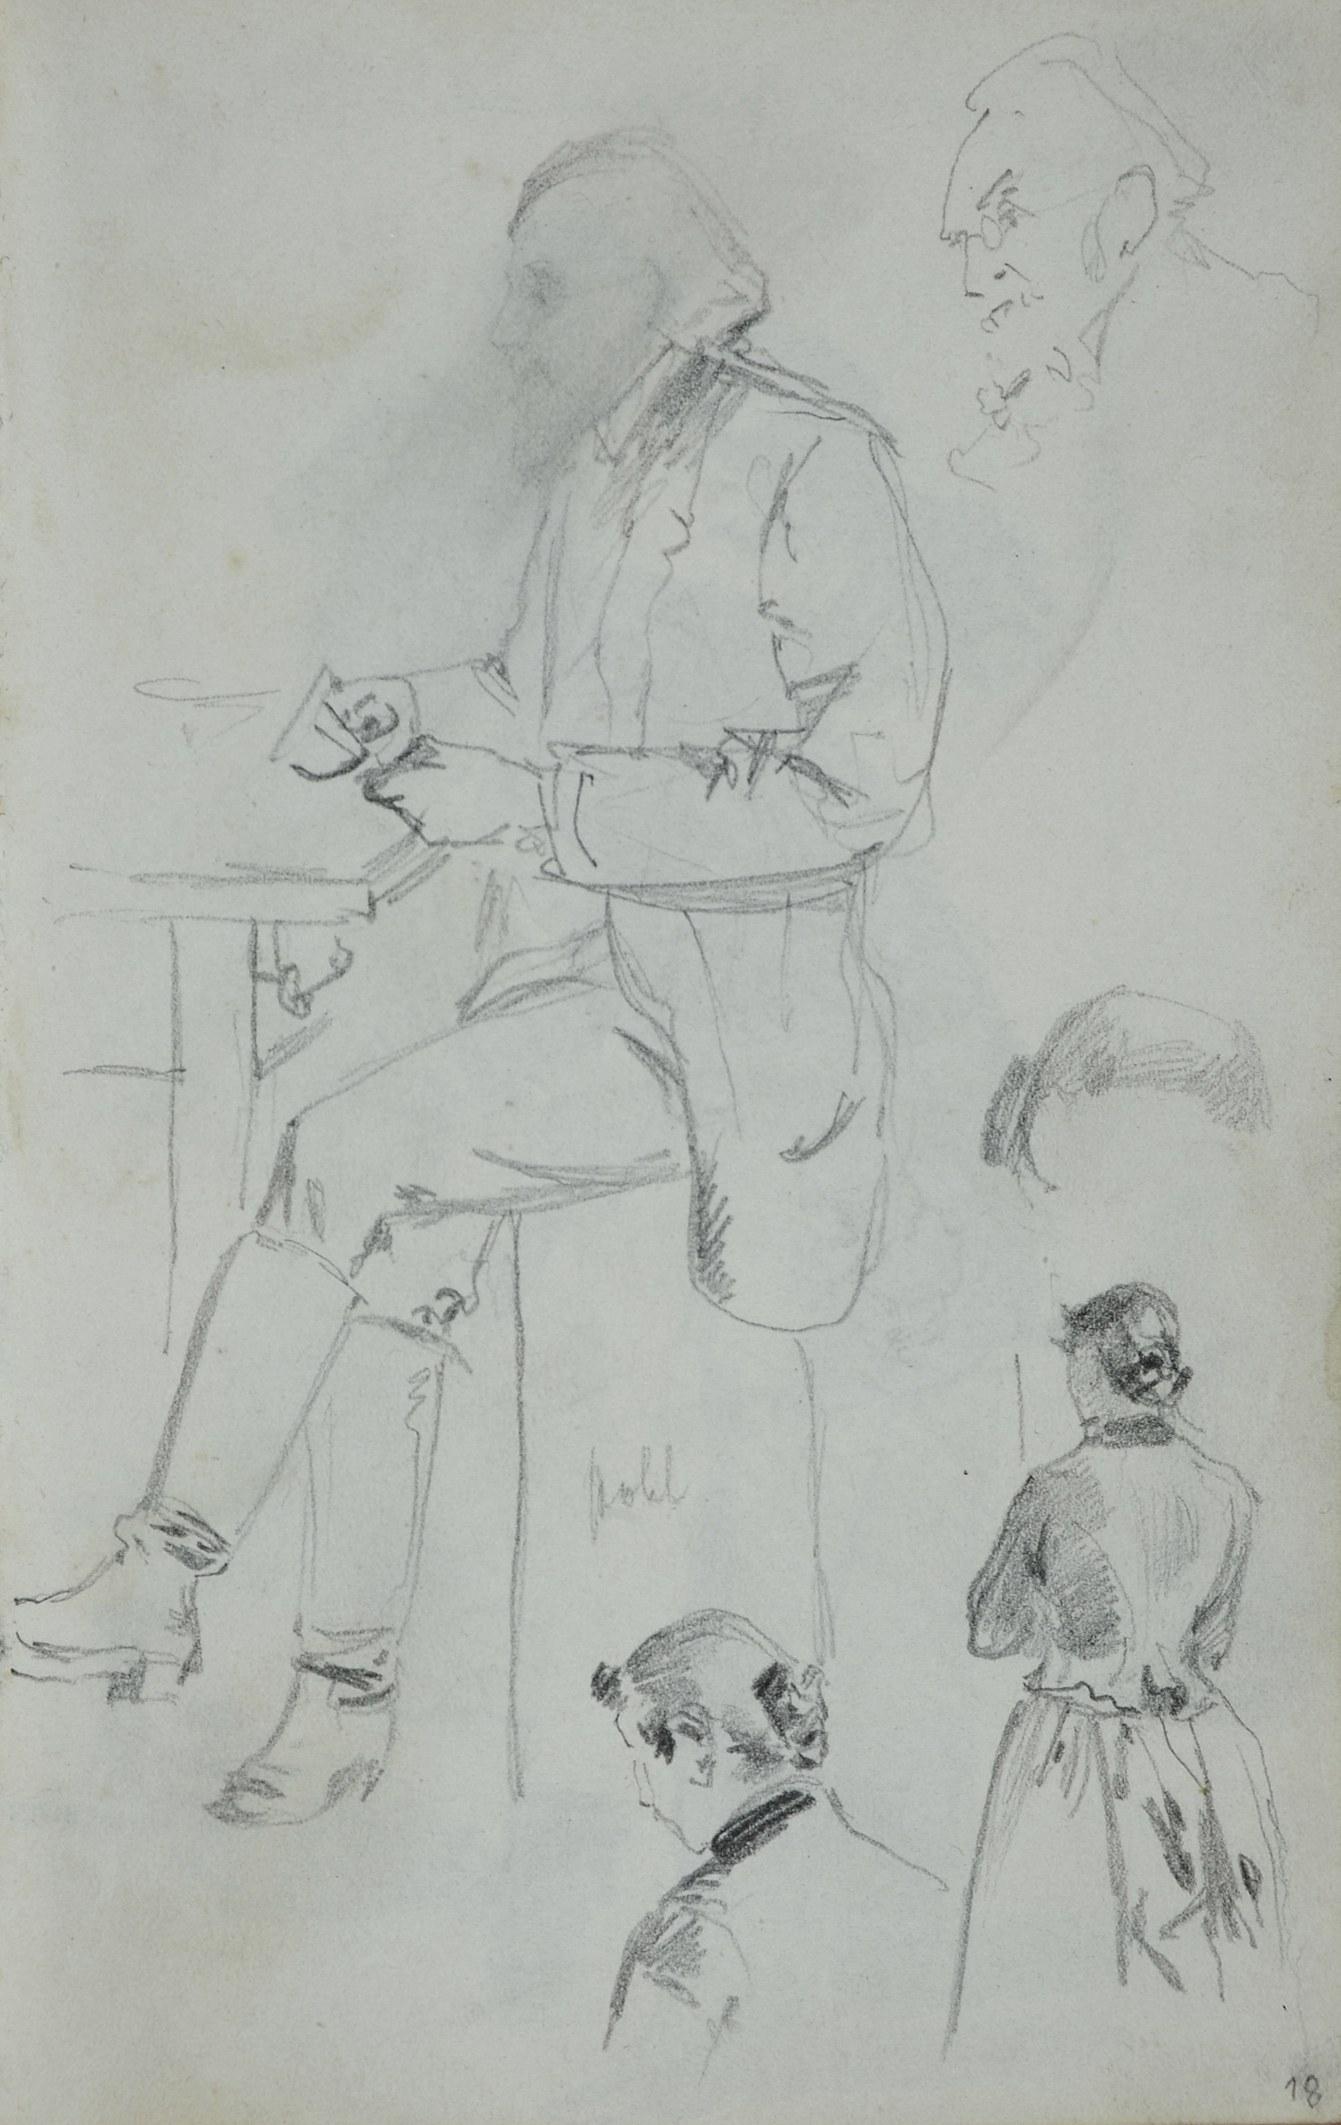 Stanisław Kaczor Batowski (1866-1945), Mężczyzna siedzący przy stole obok zarys jego twarzy oraz szkice kobiety ukazanej z tyłu